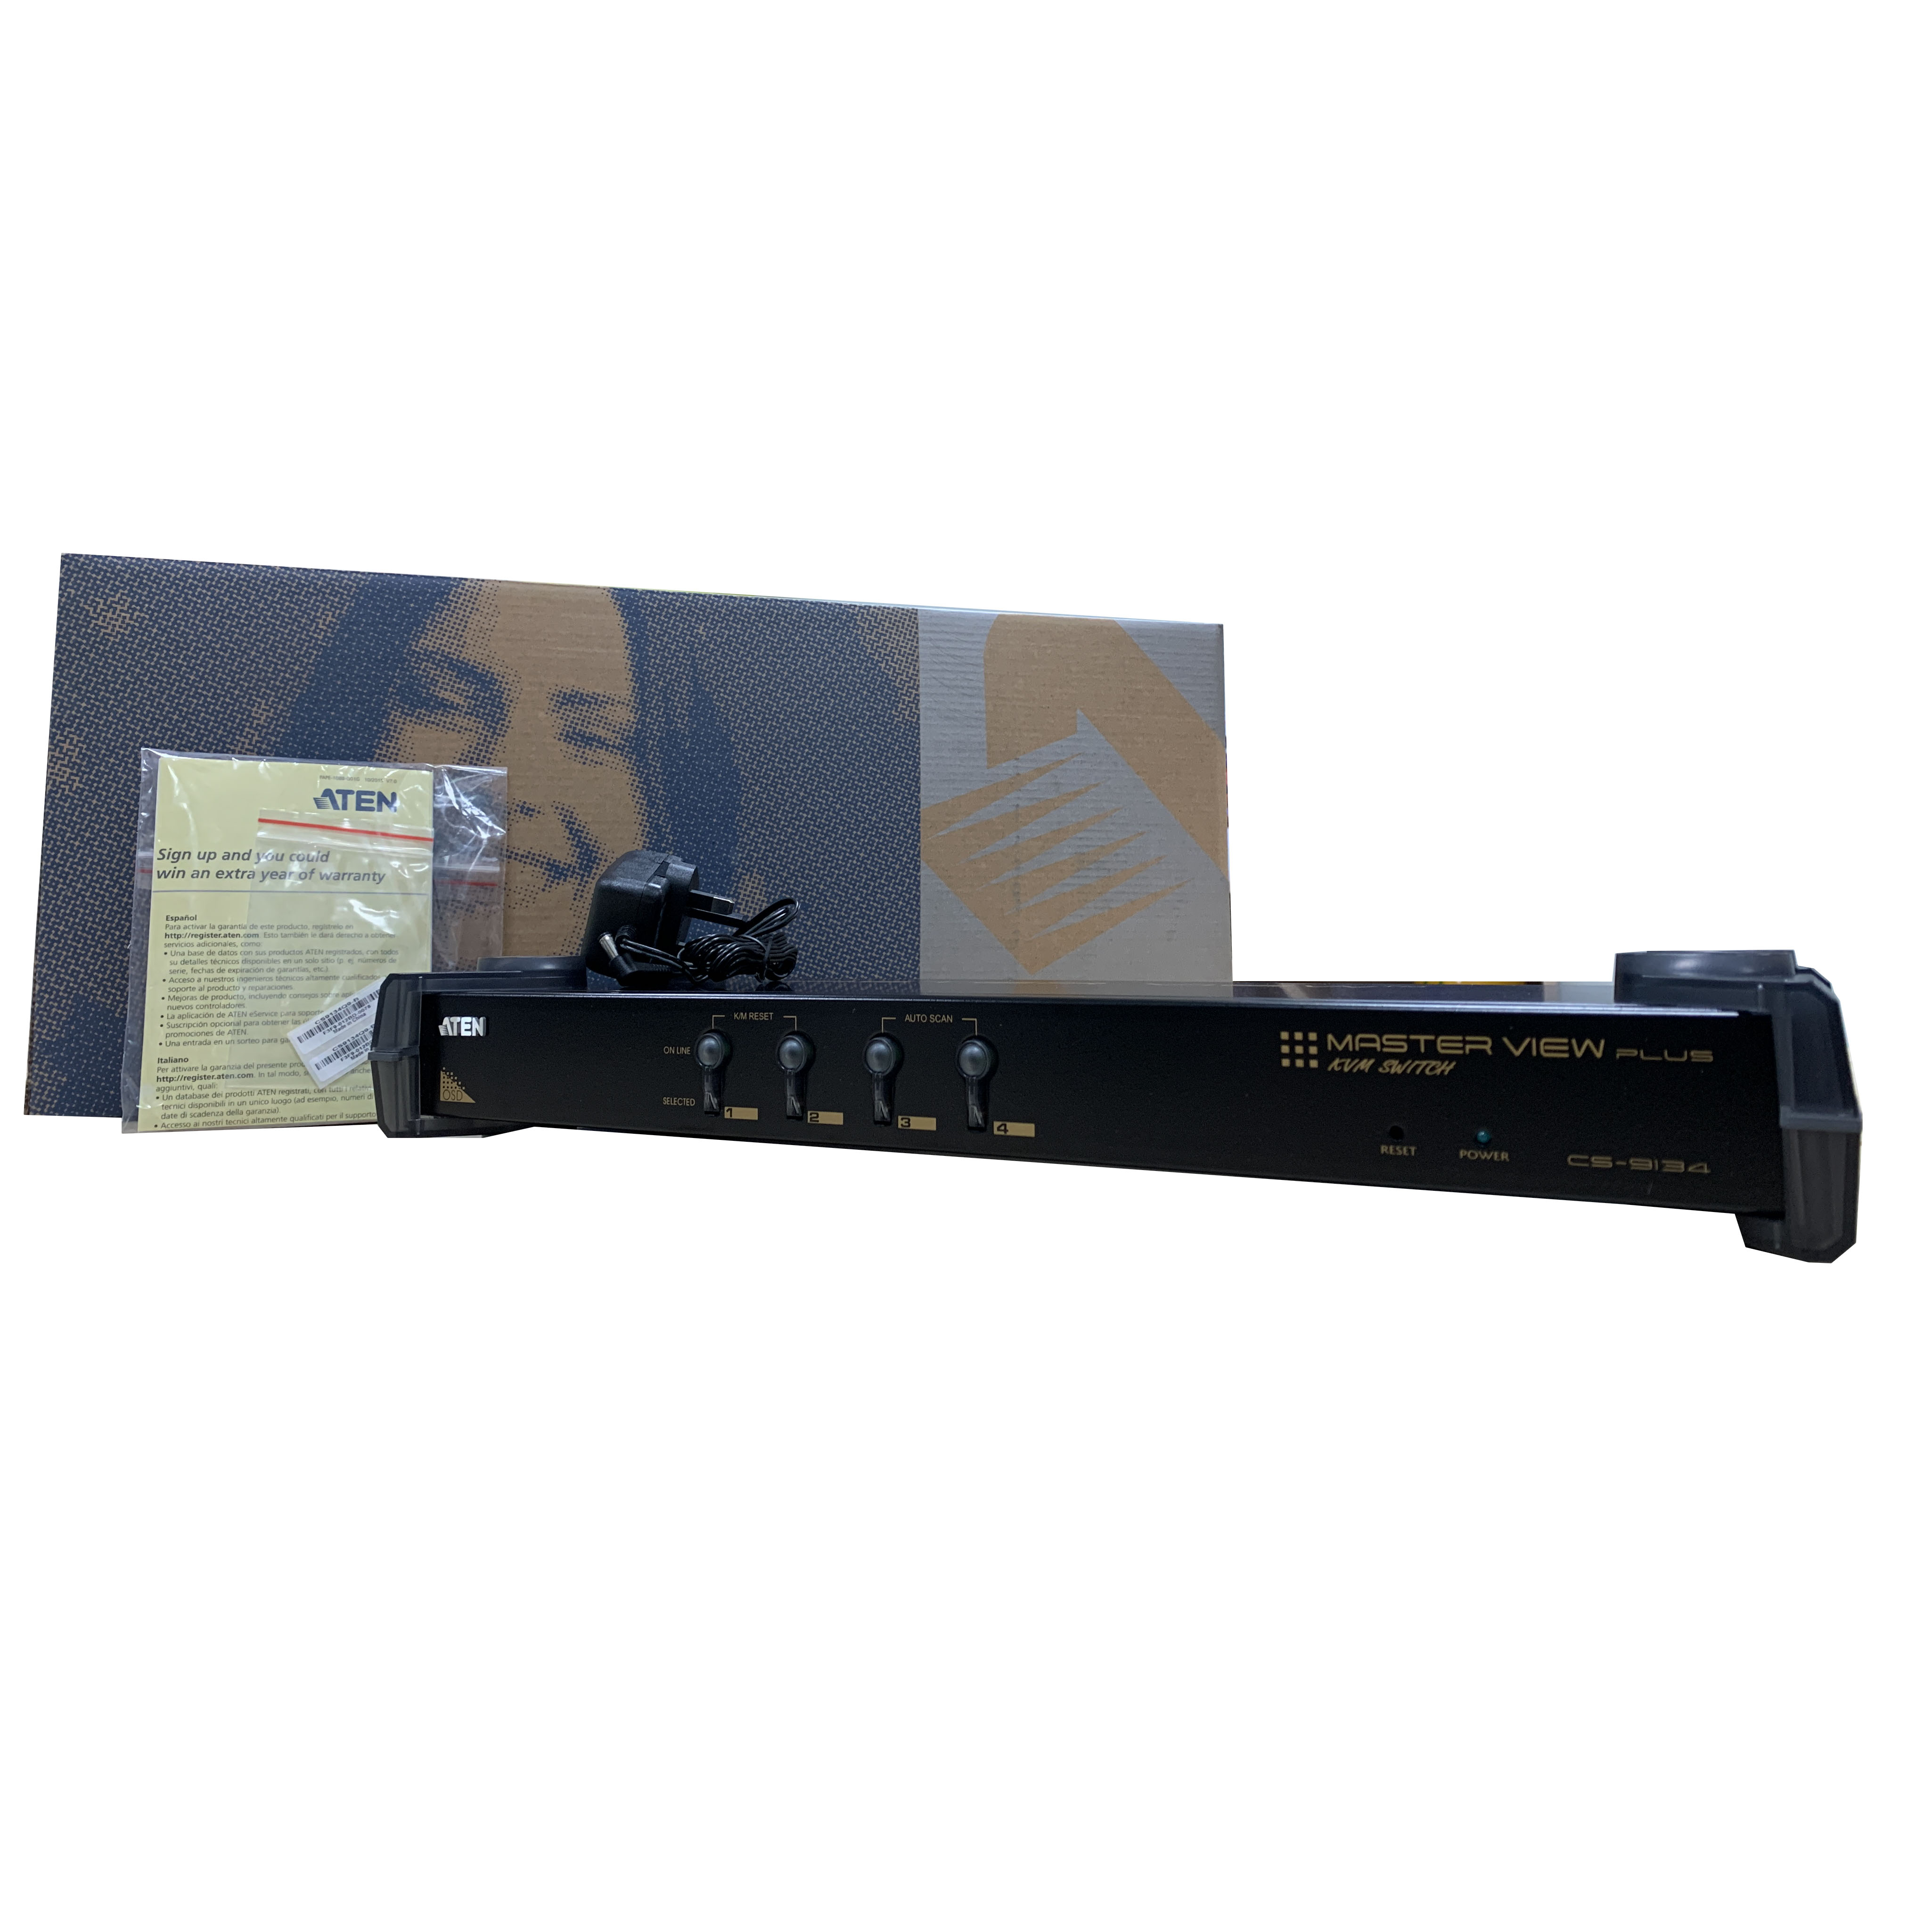 Bộ chuyển đổi KVM Switch PS/2 4 port - Aten CS9134 - Hàng chính hãng